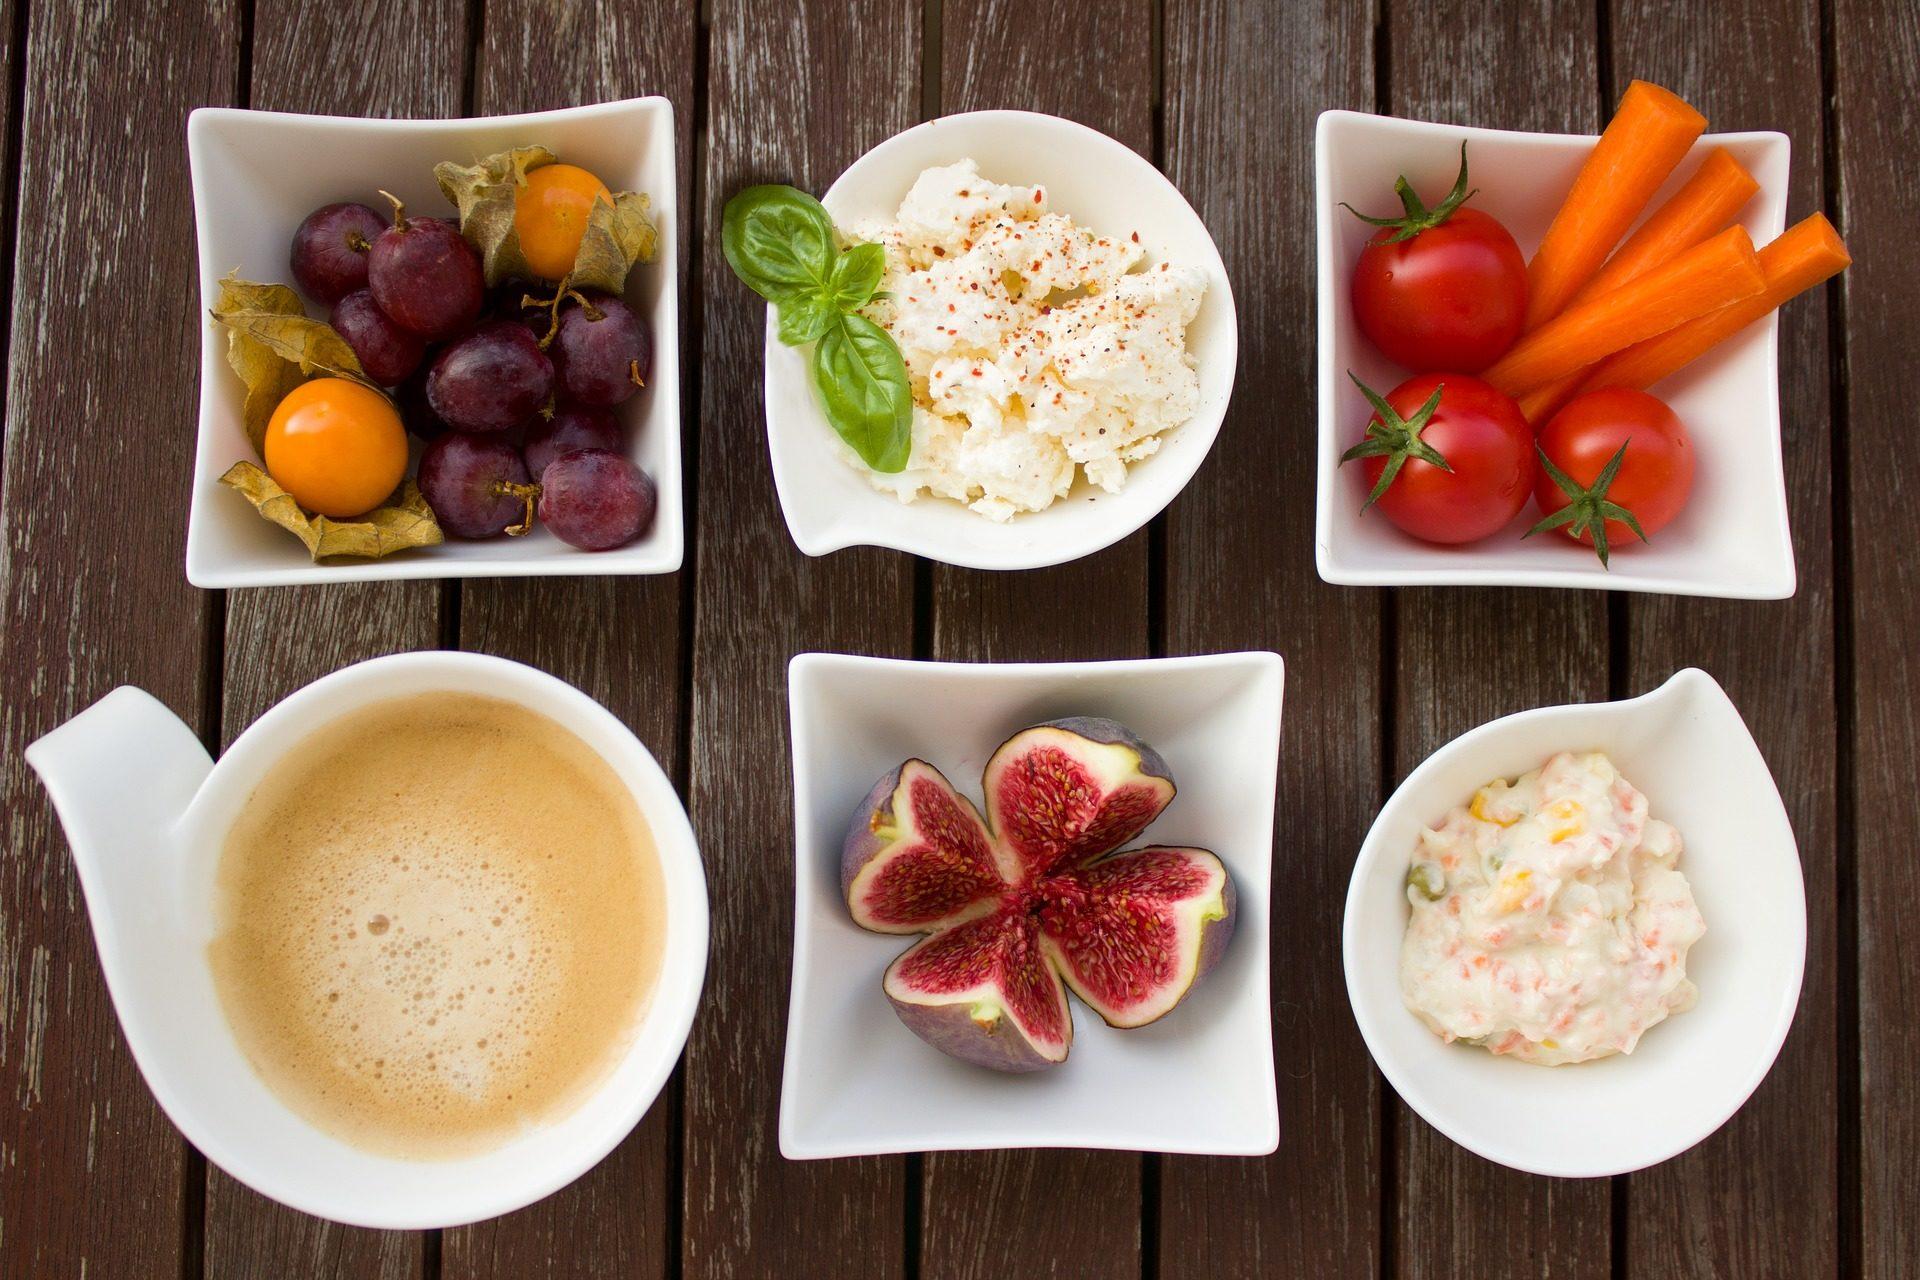 朝食, フルーツ, コーヒー, 野菜, ニンジン, トマト, イチジク - HD の壁紙 - 教授-falken.com